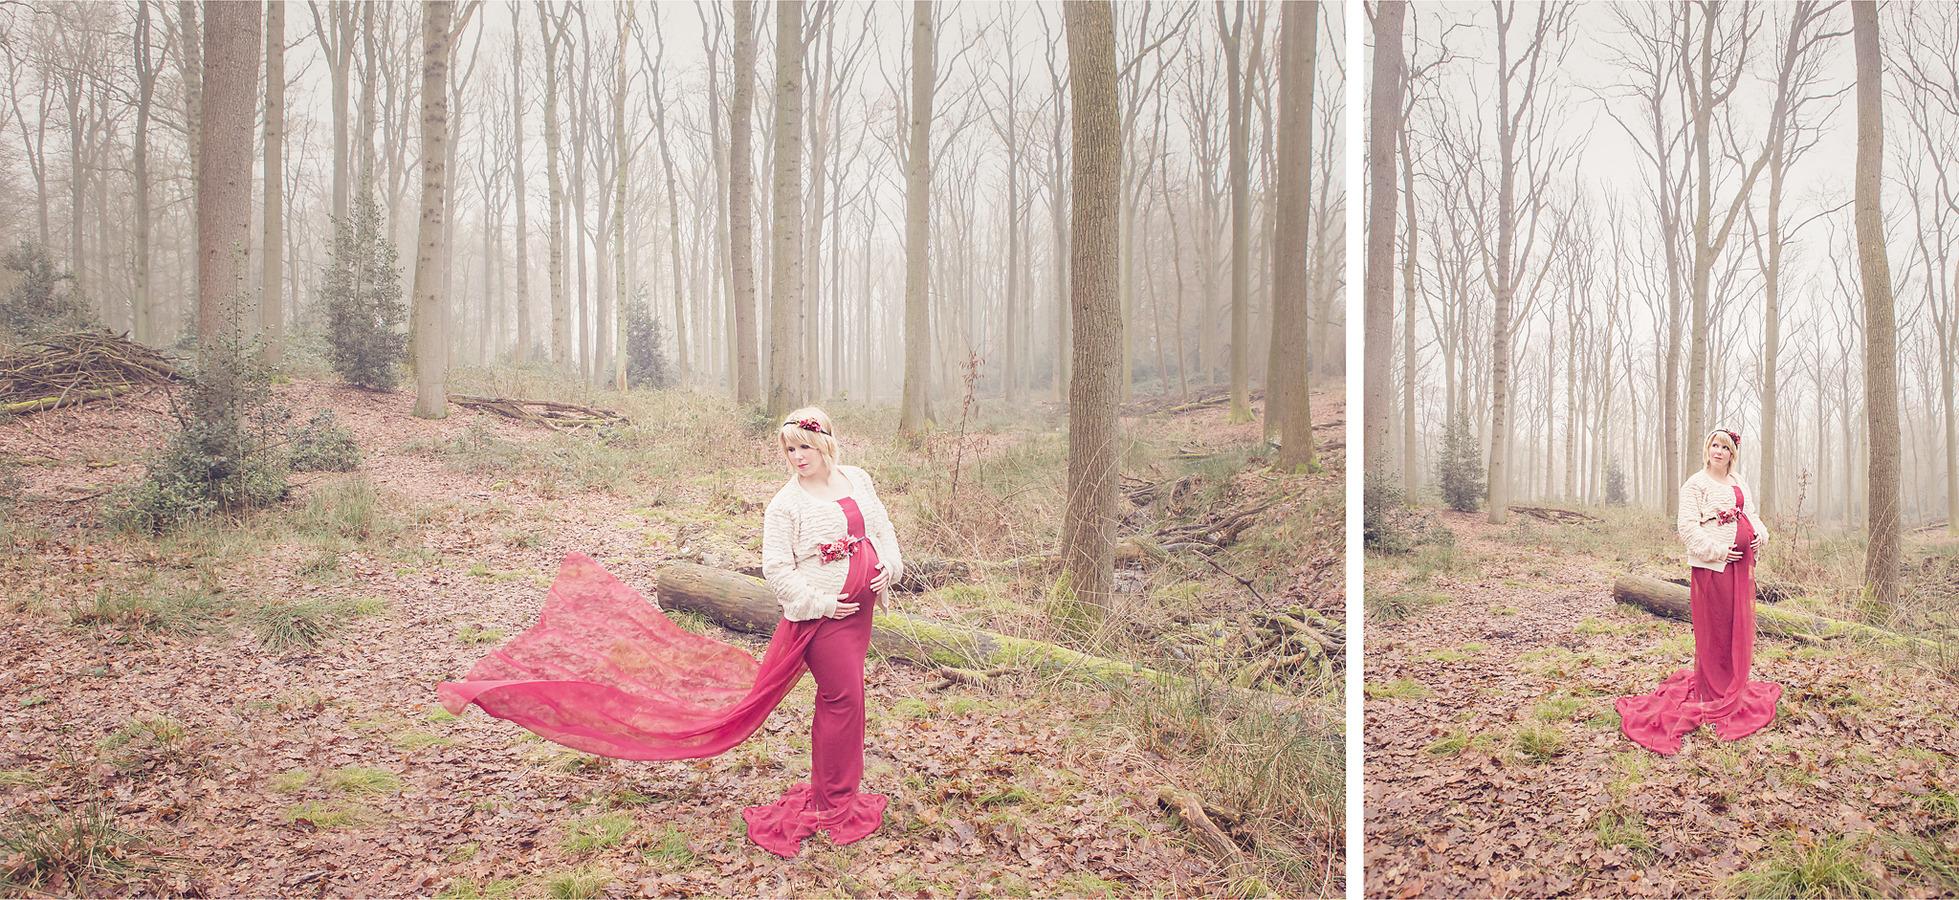 zwangerschapsshoot bos oldenzaal met mooie zwierige exclusieve  jurk